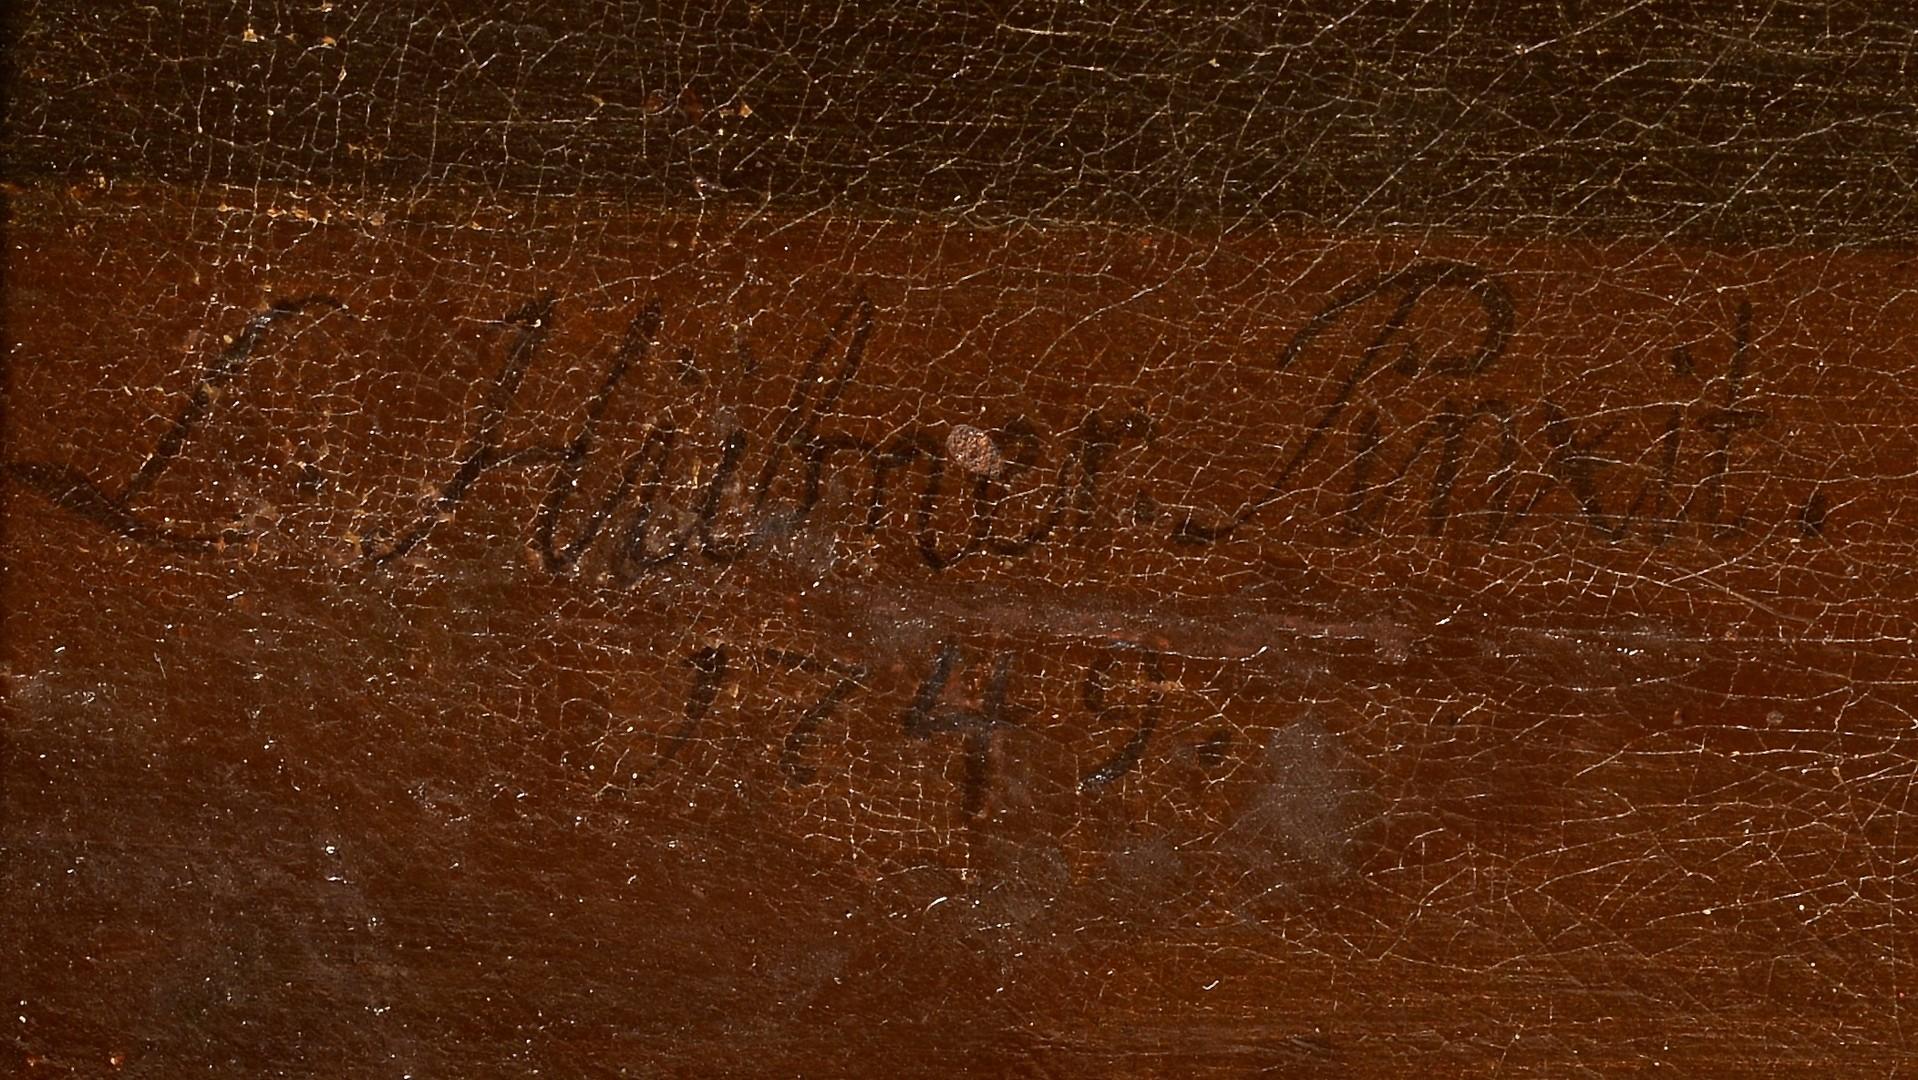 Lot 199: Still life attr. Louis Hubner, 18th c.